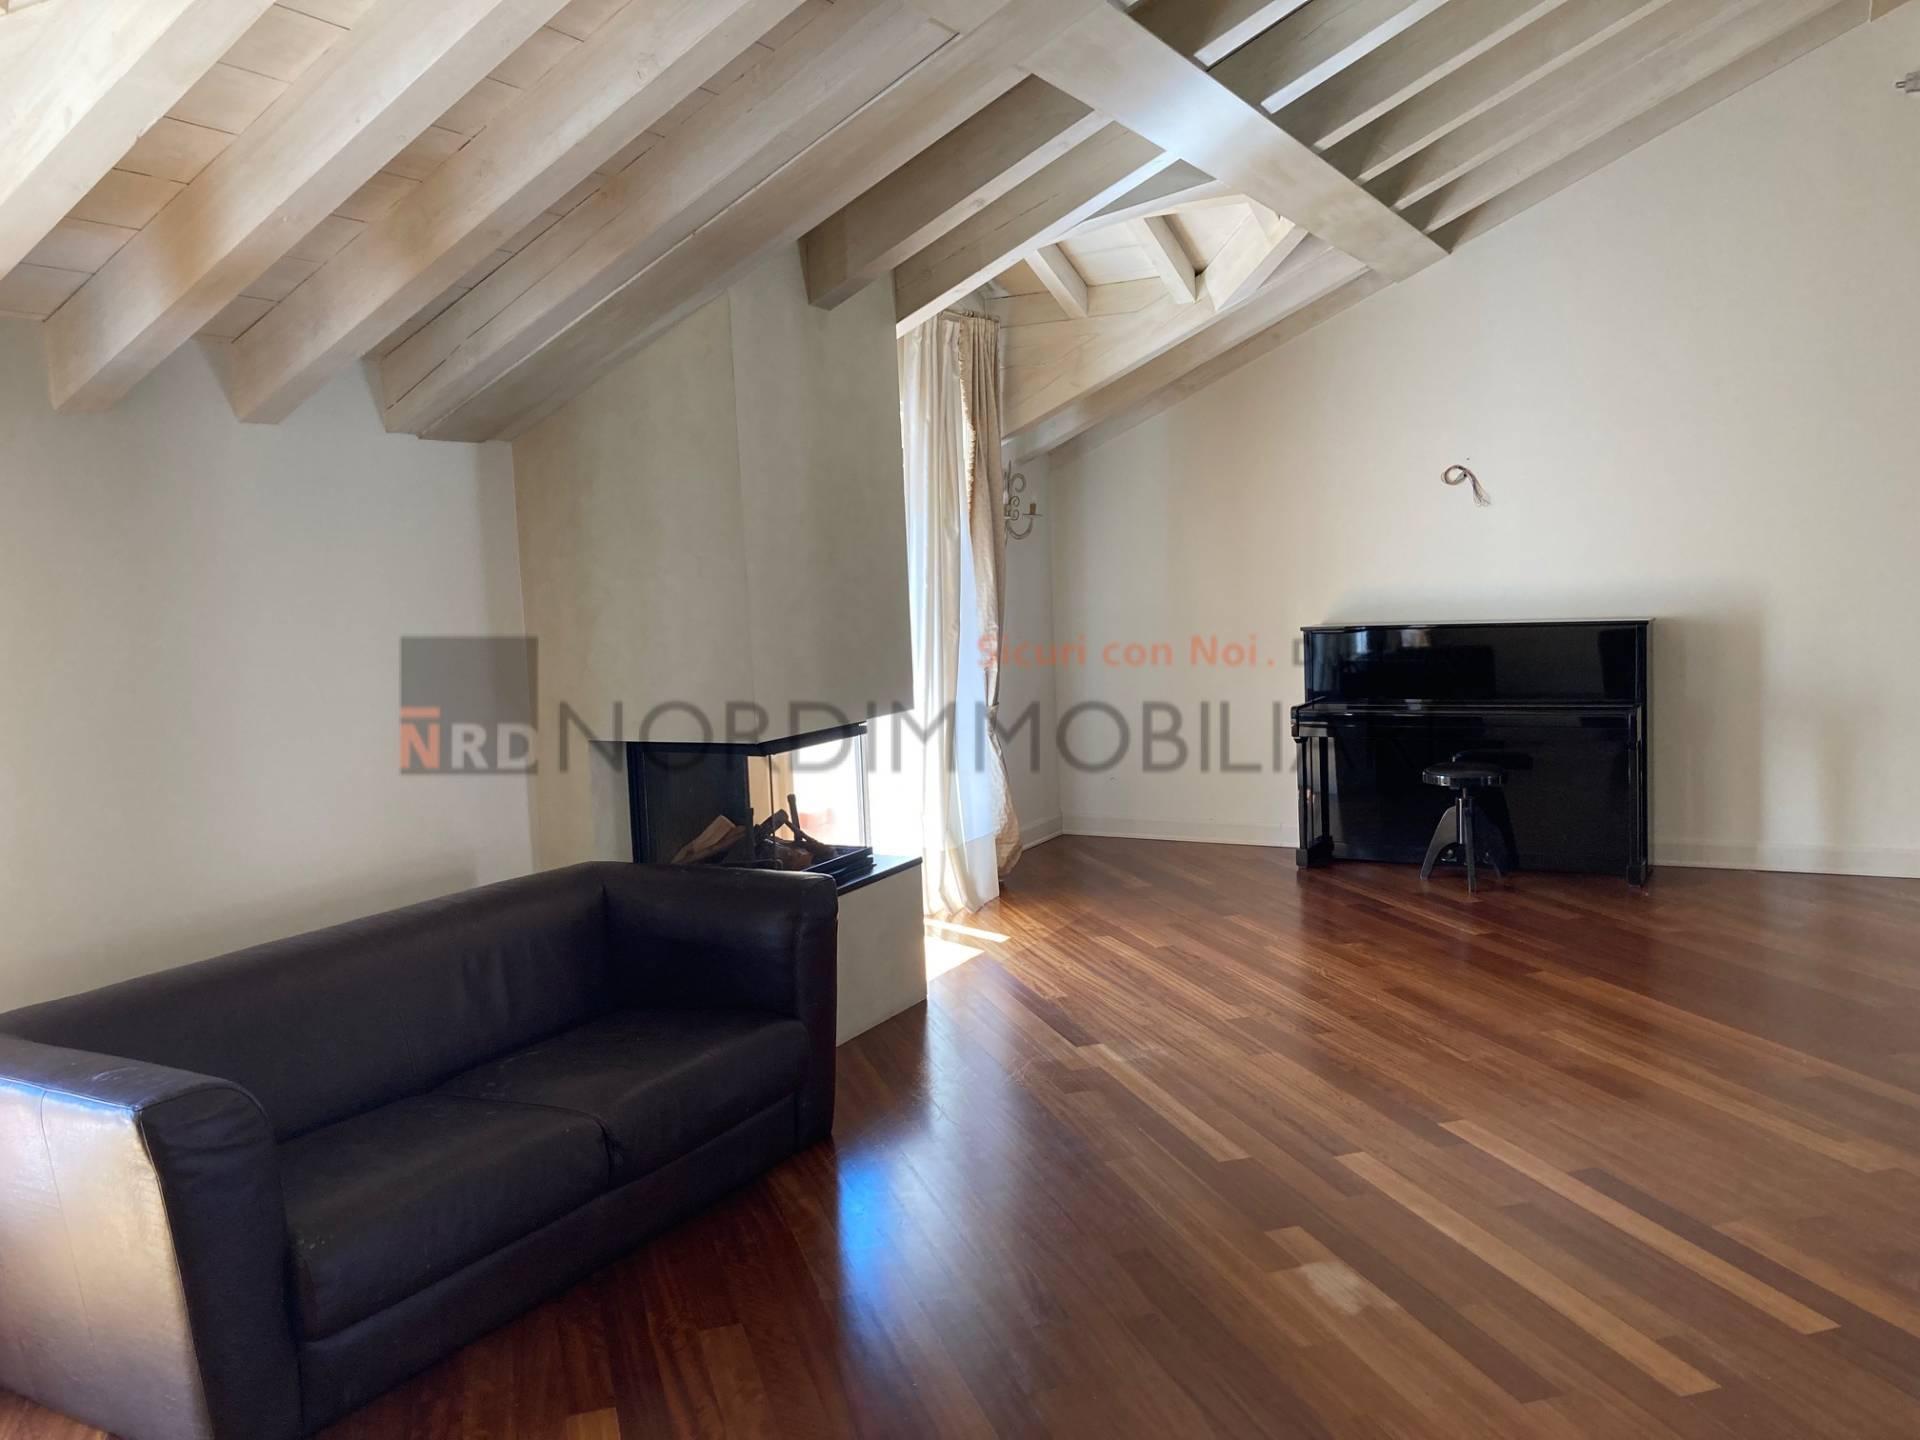 Appartamento in affitto a Brescia, 5 locali, zona Località: 1-CENTROSTORICO, prezzo € 2.500 | CambioCasa.it